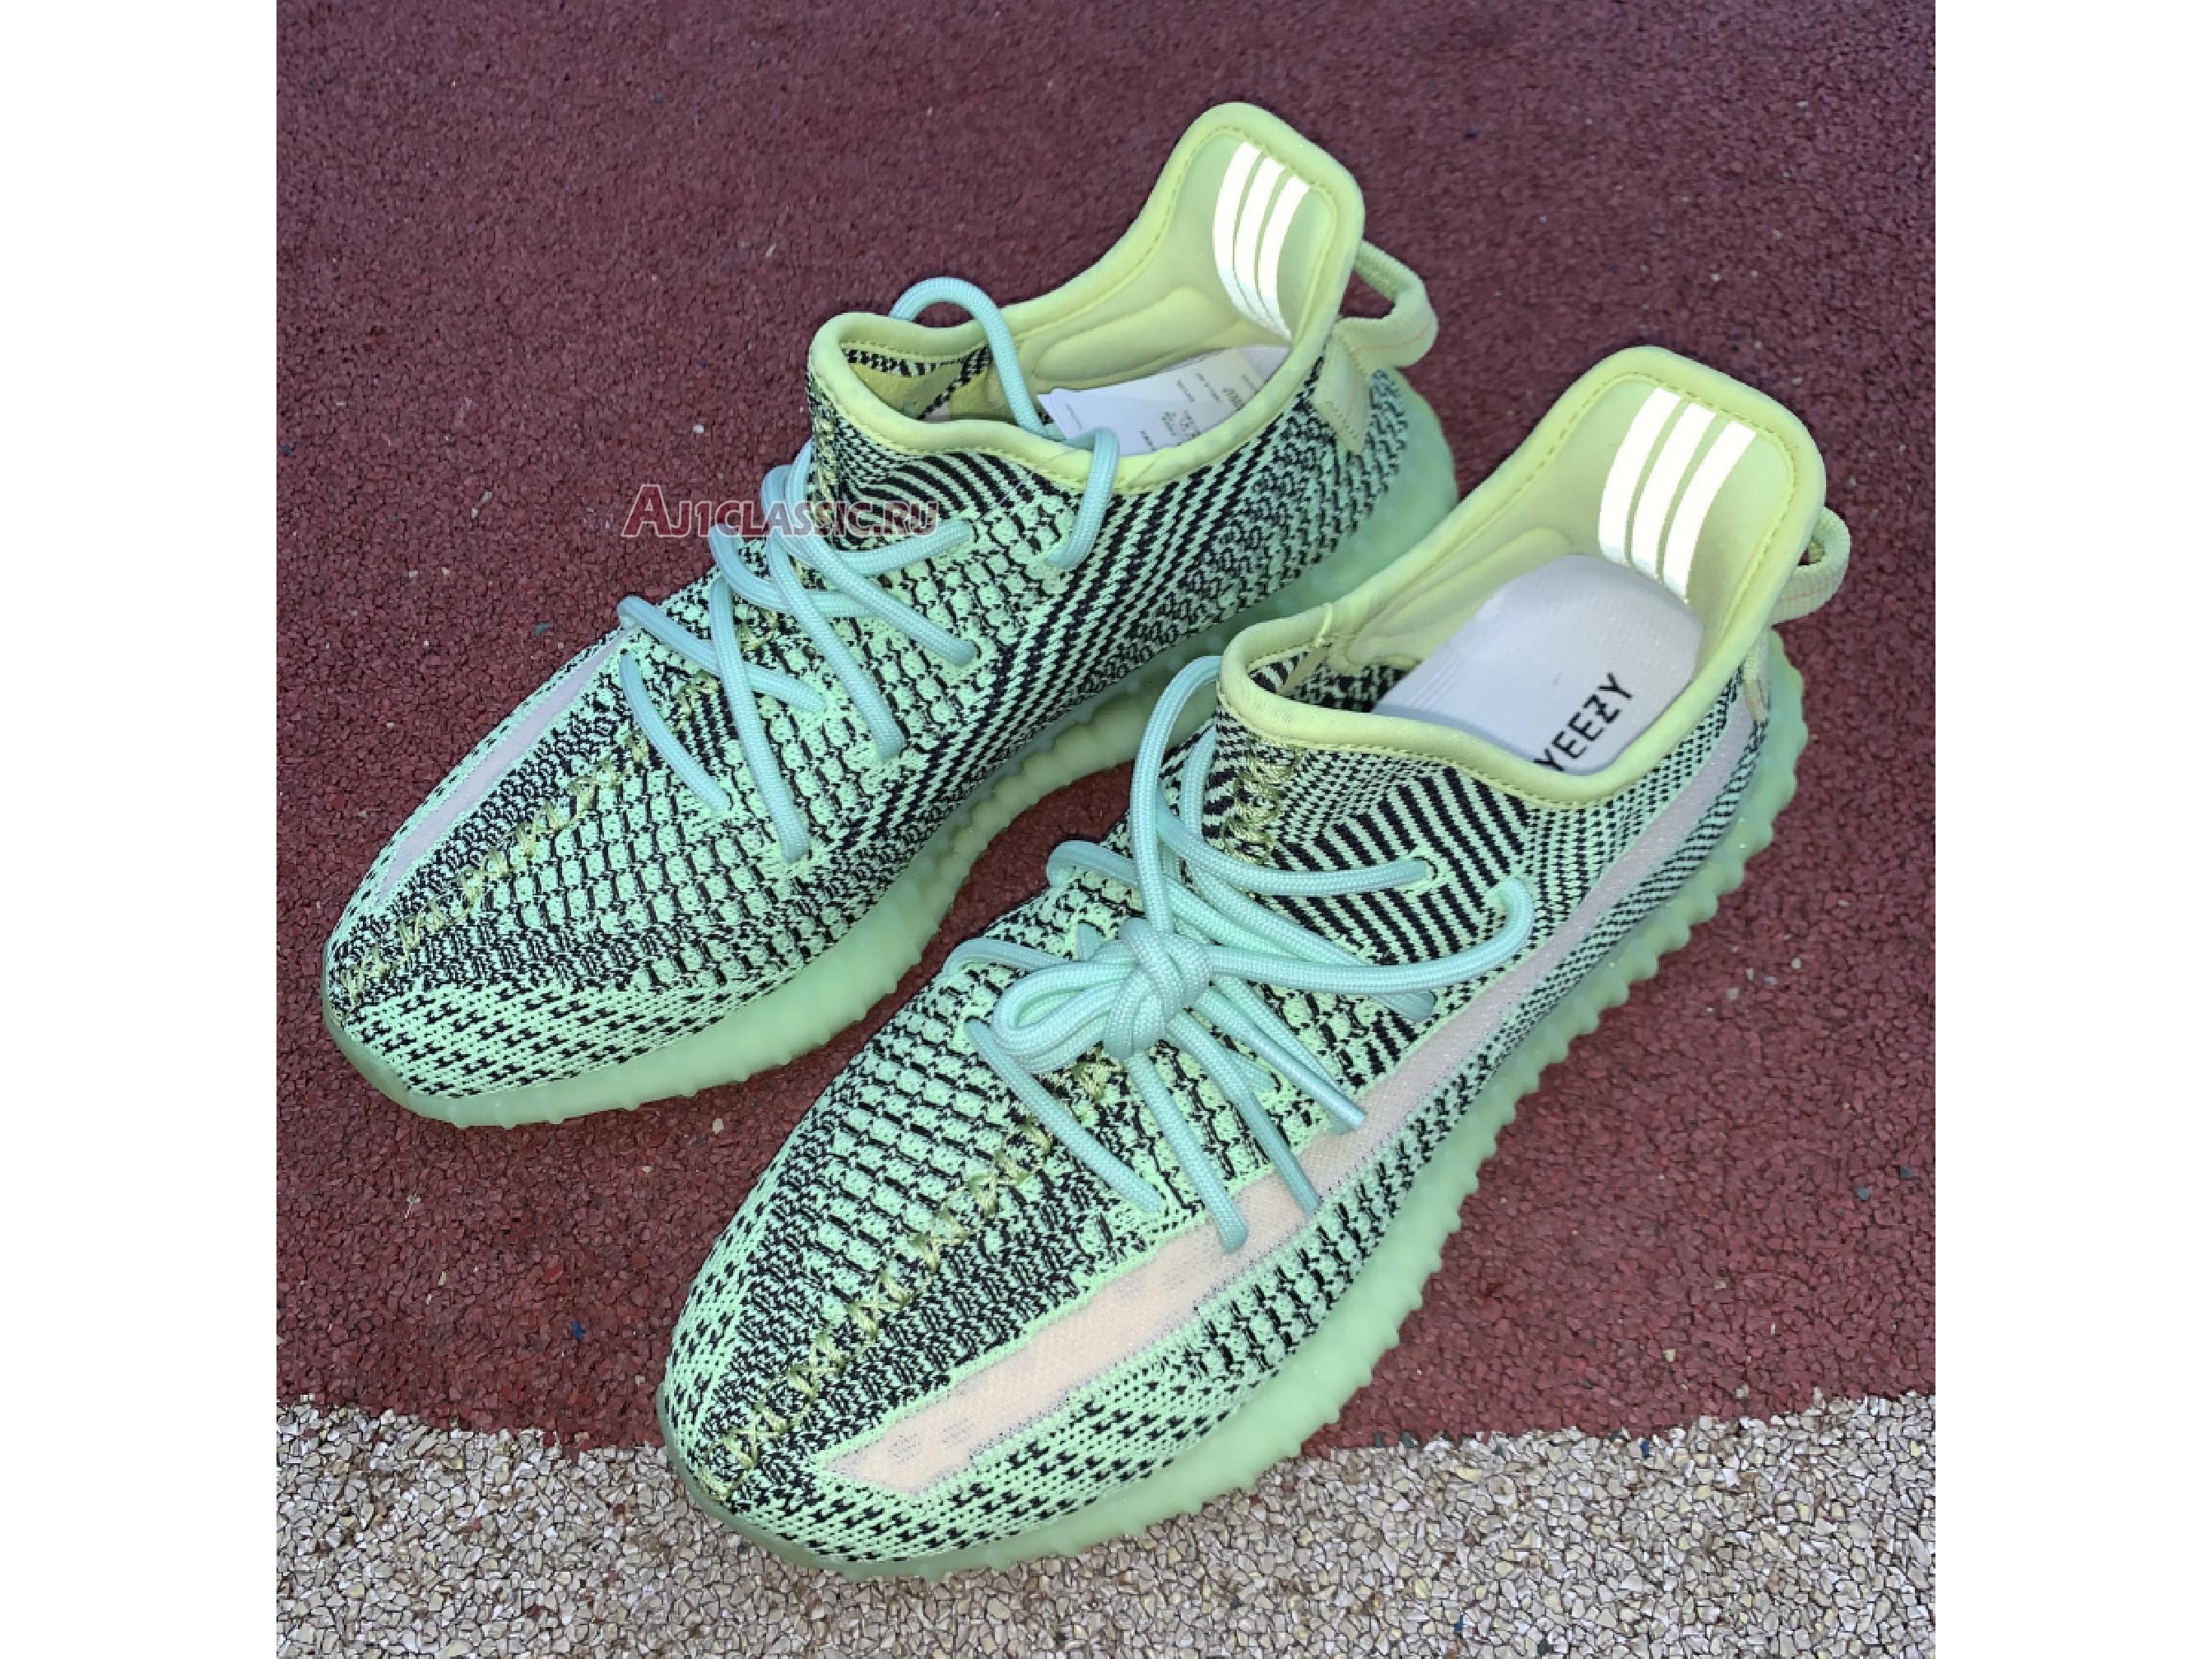 """Adidas Yeezy Boost 350 V2 """"Yeezreel Non-Reflective"""" FW5191"""